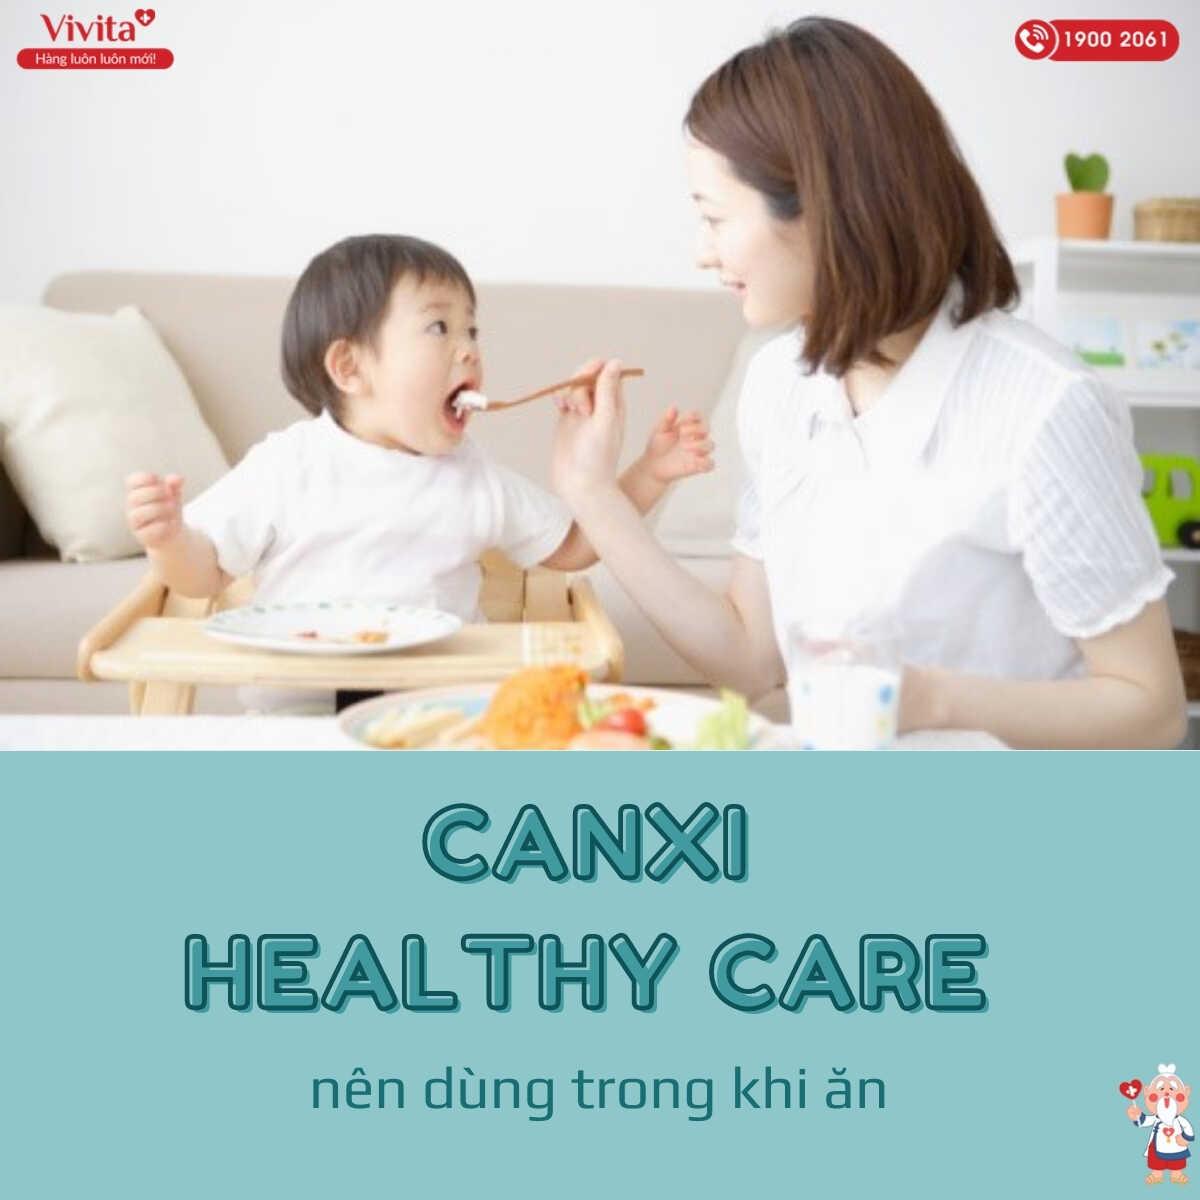 Nên uống Canxi Healthy Care trong bữa ăn để có hiệu quả tốt nhất.